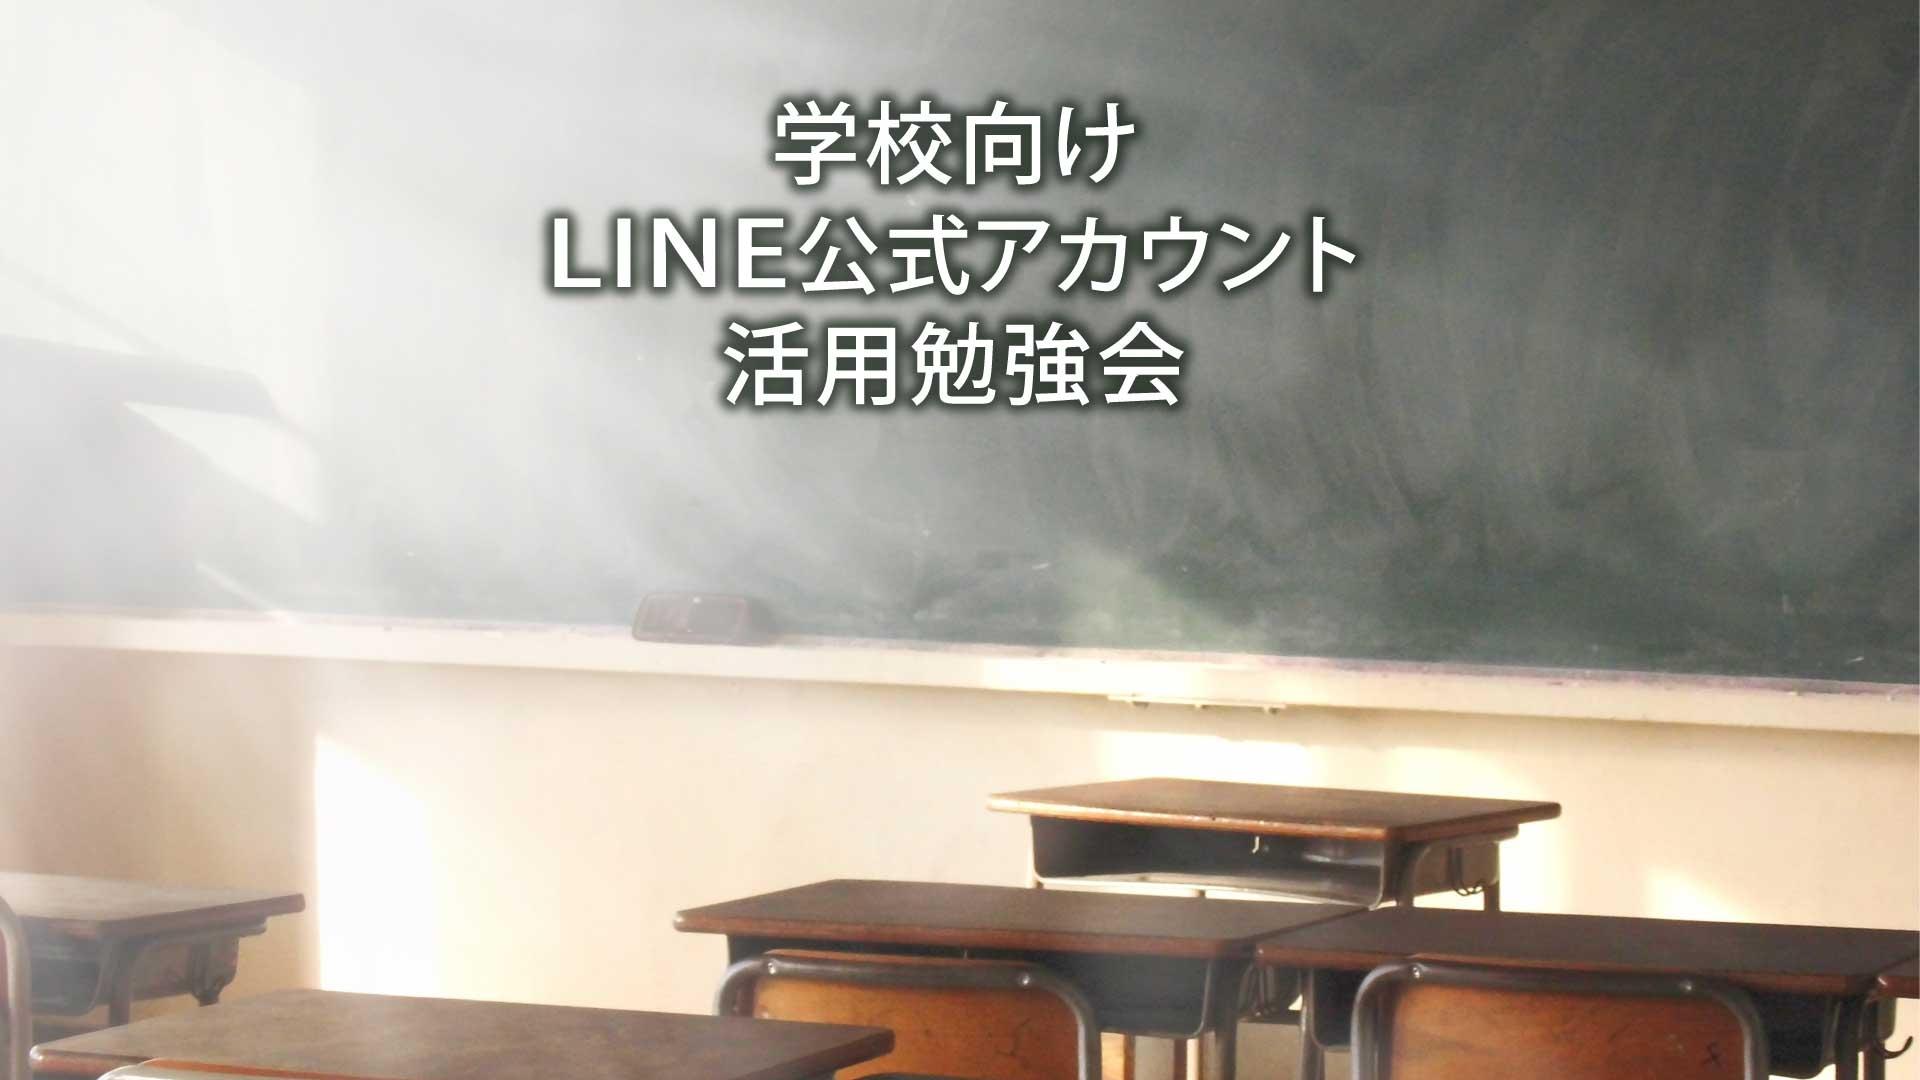 学校向け LINE公式アカウント活用勉強会相談会セミナー